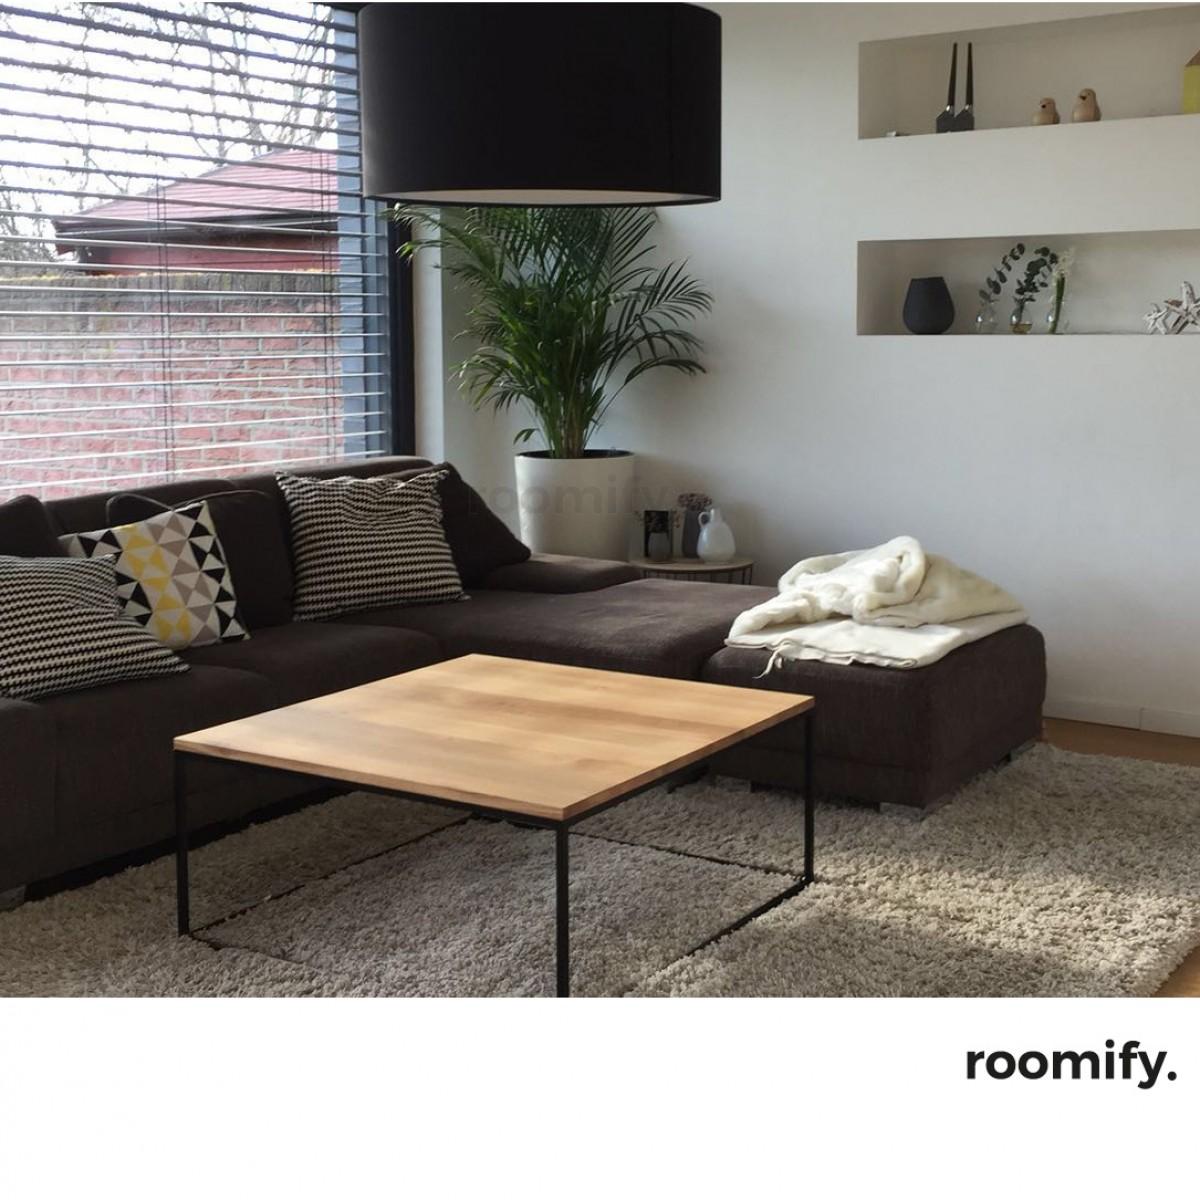 Roomify couchtisch domi farben black white for Industriedesign essen